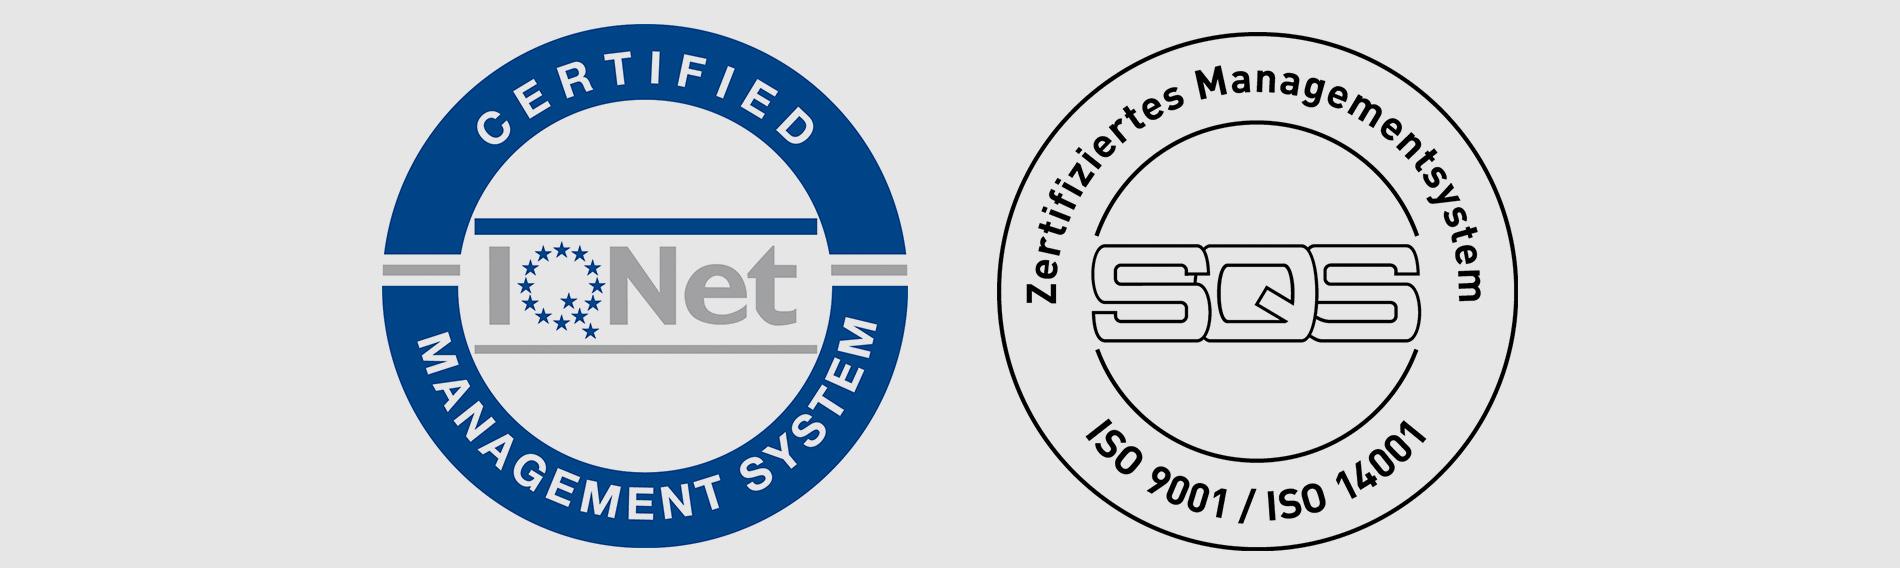 Wetrok får ytterligare ISO-certifiering